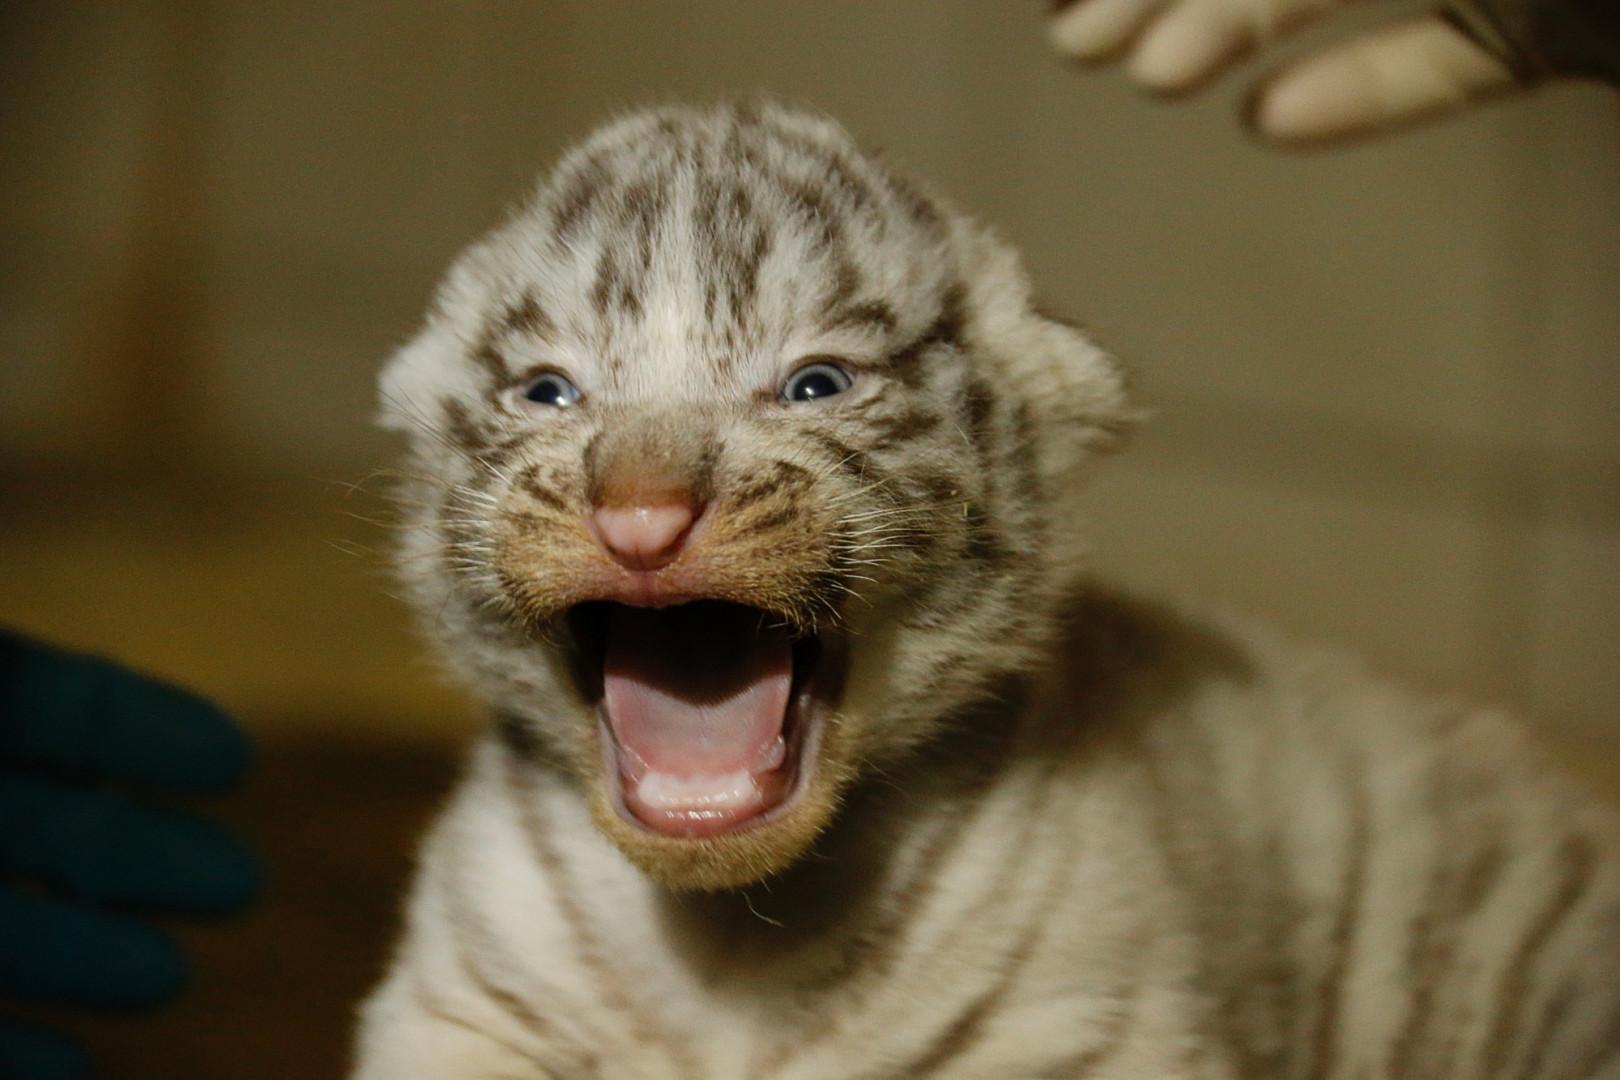 Trois tigres blancs sont nés au zoo d'Amnéville le 15 janvier 2020